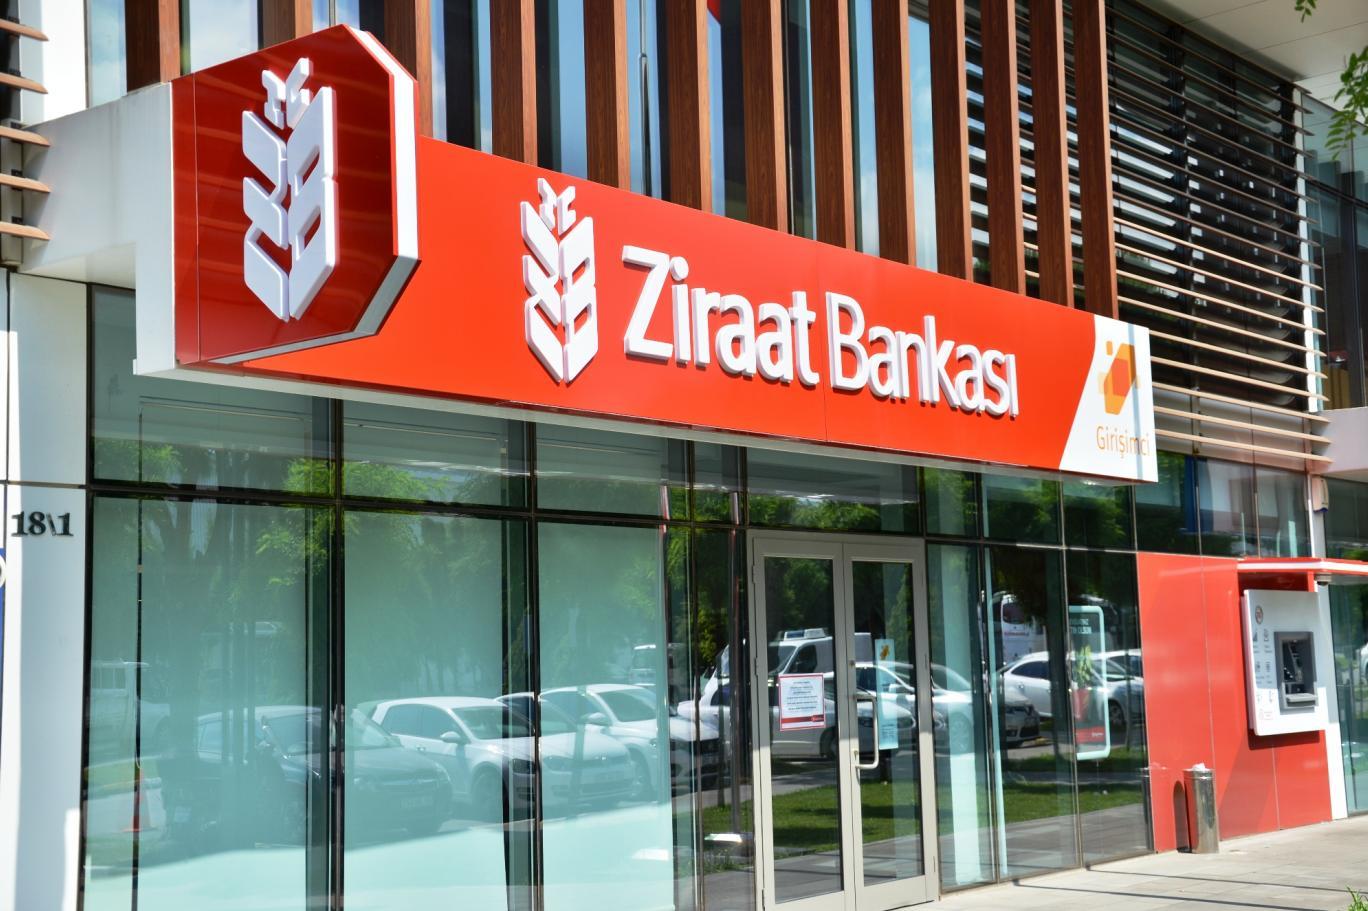 Ziraat Bankası 15 Yıl Vade %0,99 Faiz Oranlı Konut Kredisi